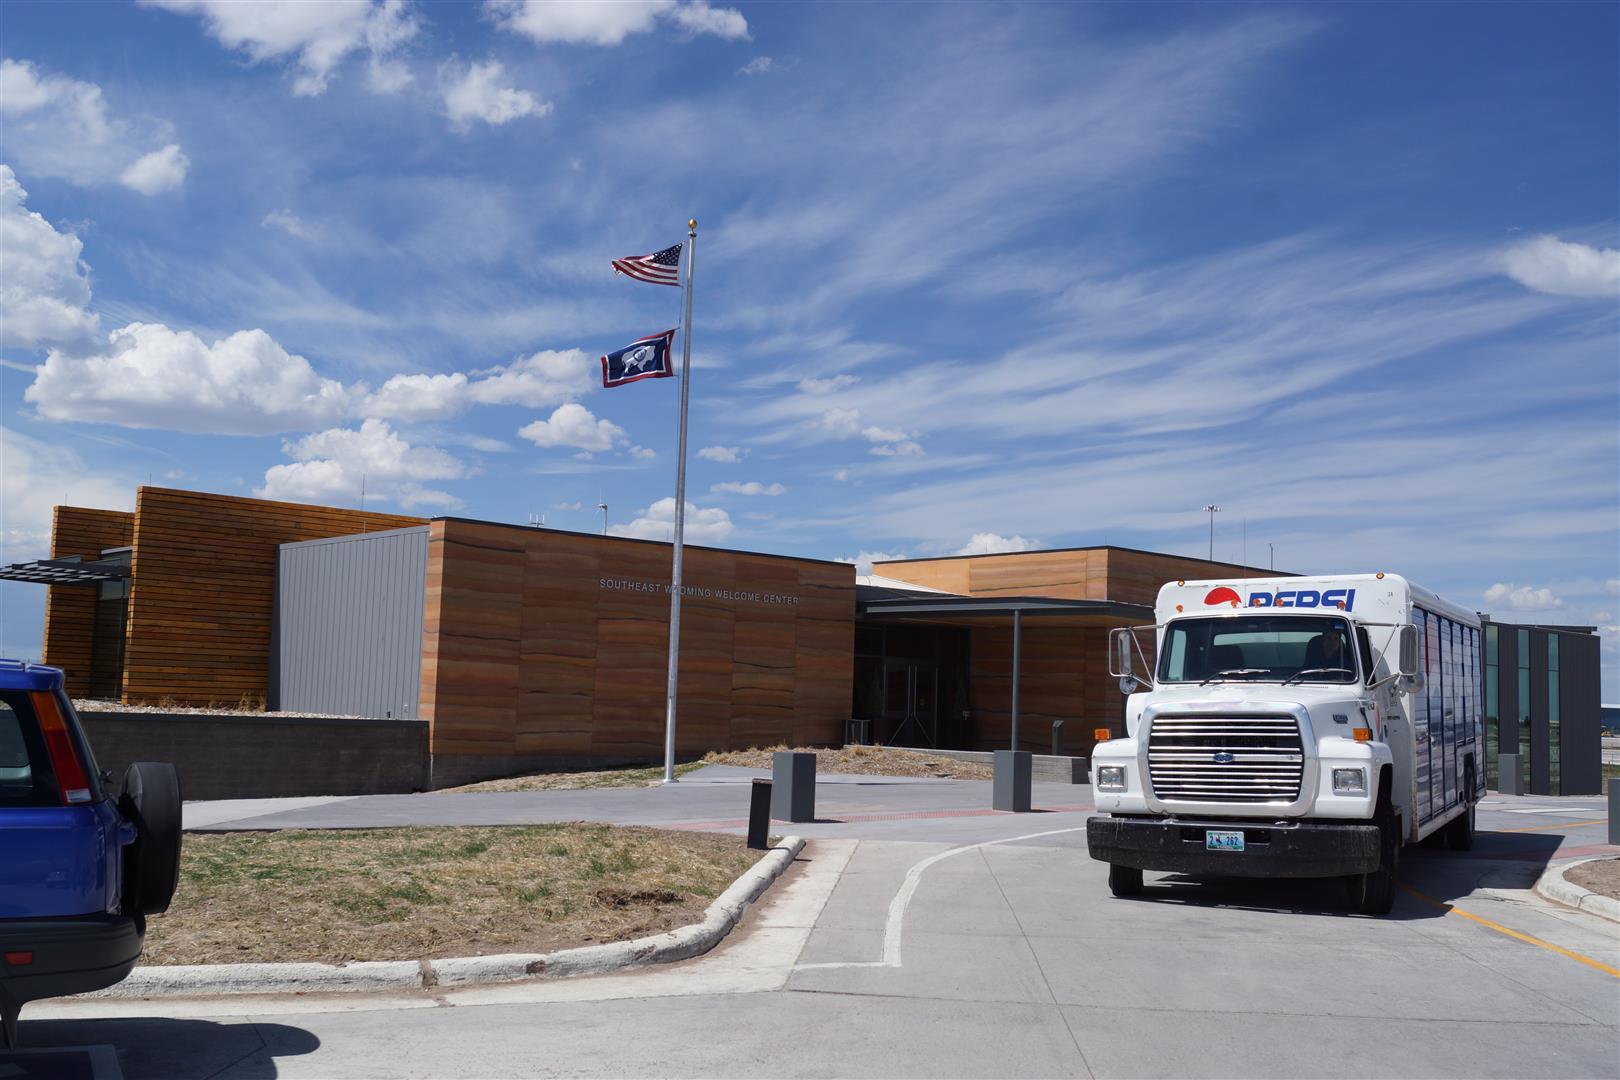 Kurzer Stopp beim Welcome Center in Wyoming. Der Pepsi Truck war auch schon da!